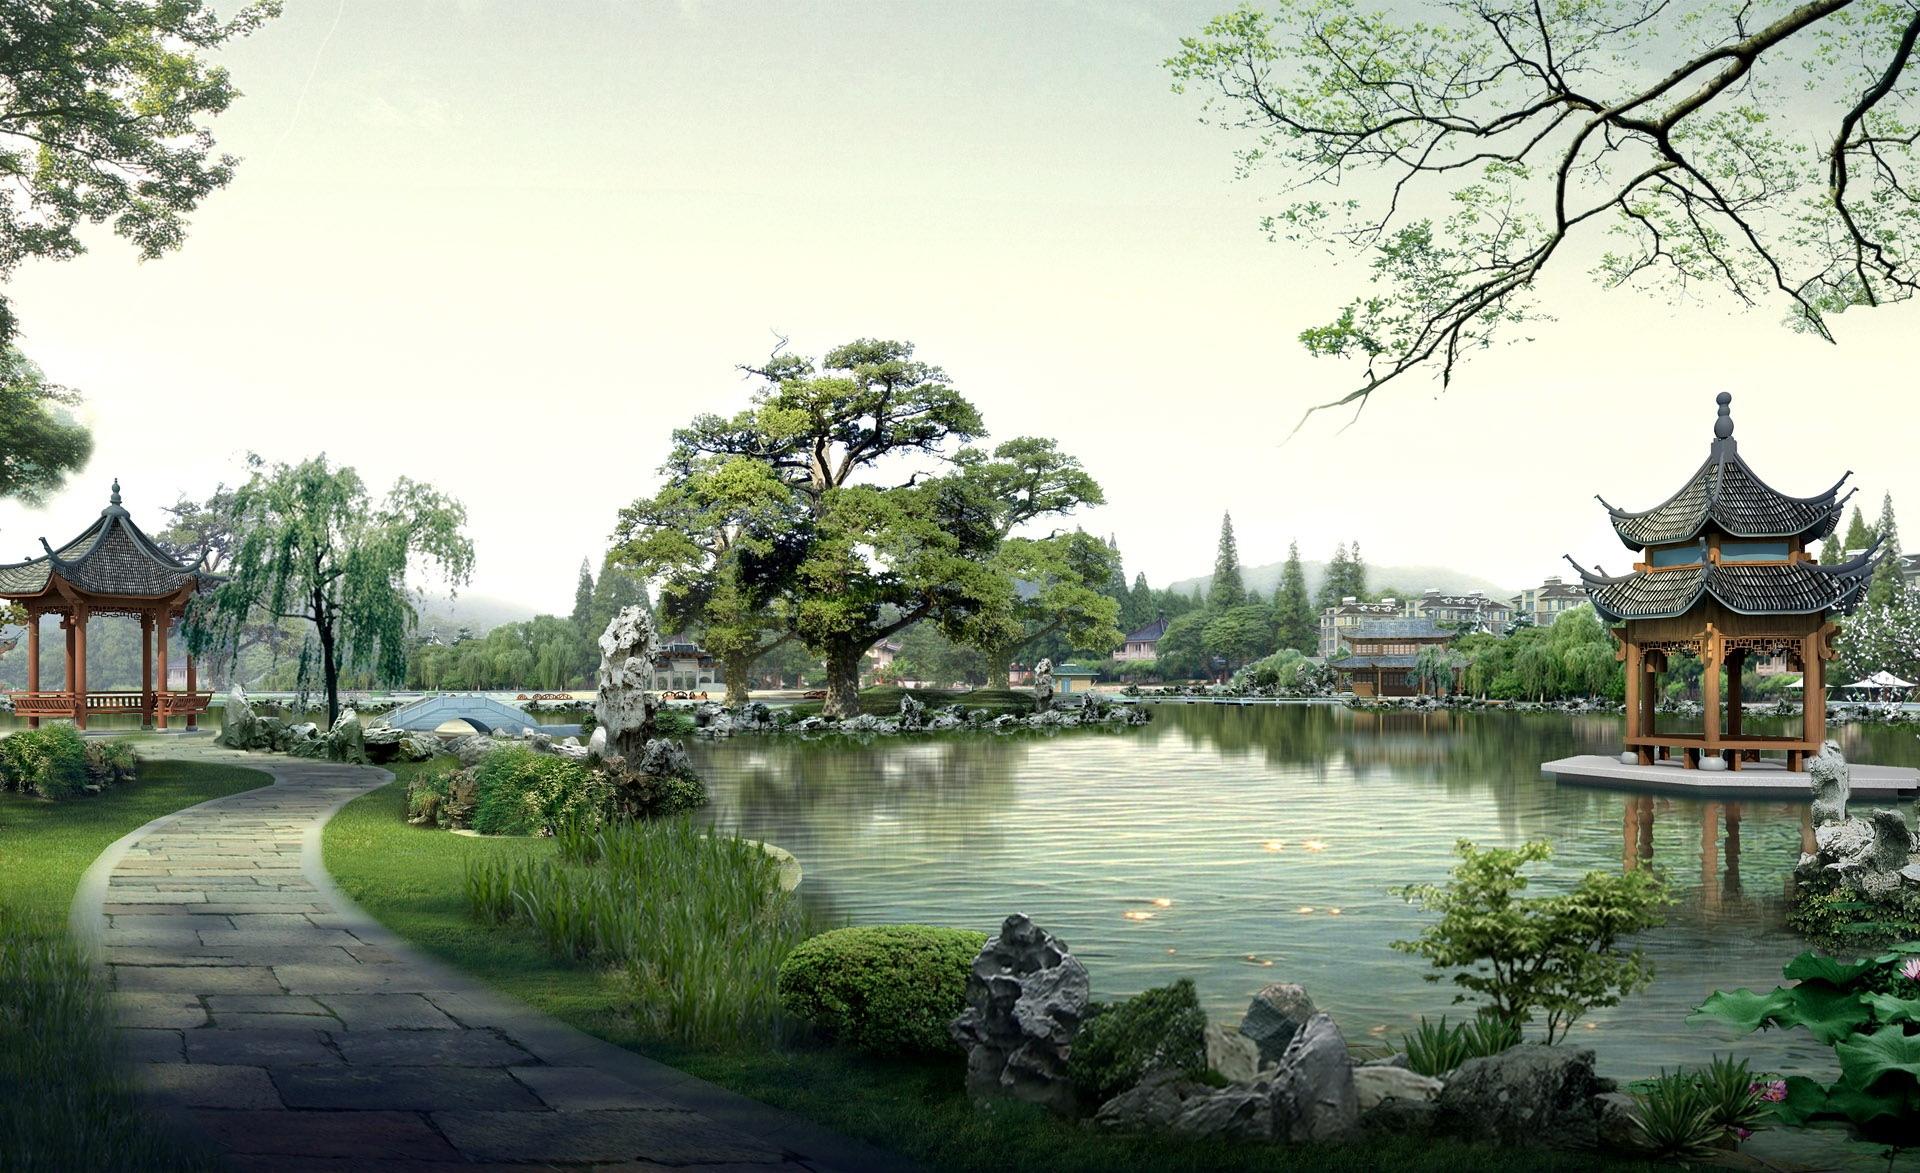 картинки с японскими пейзажами бесплатное, имеет